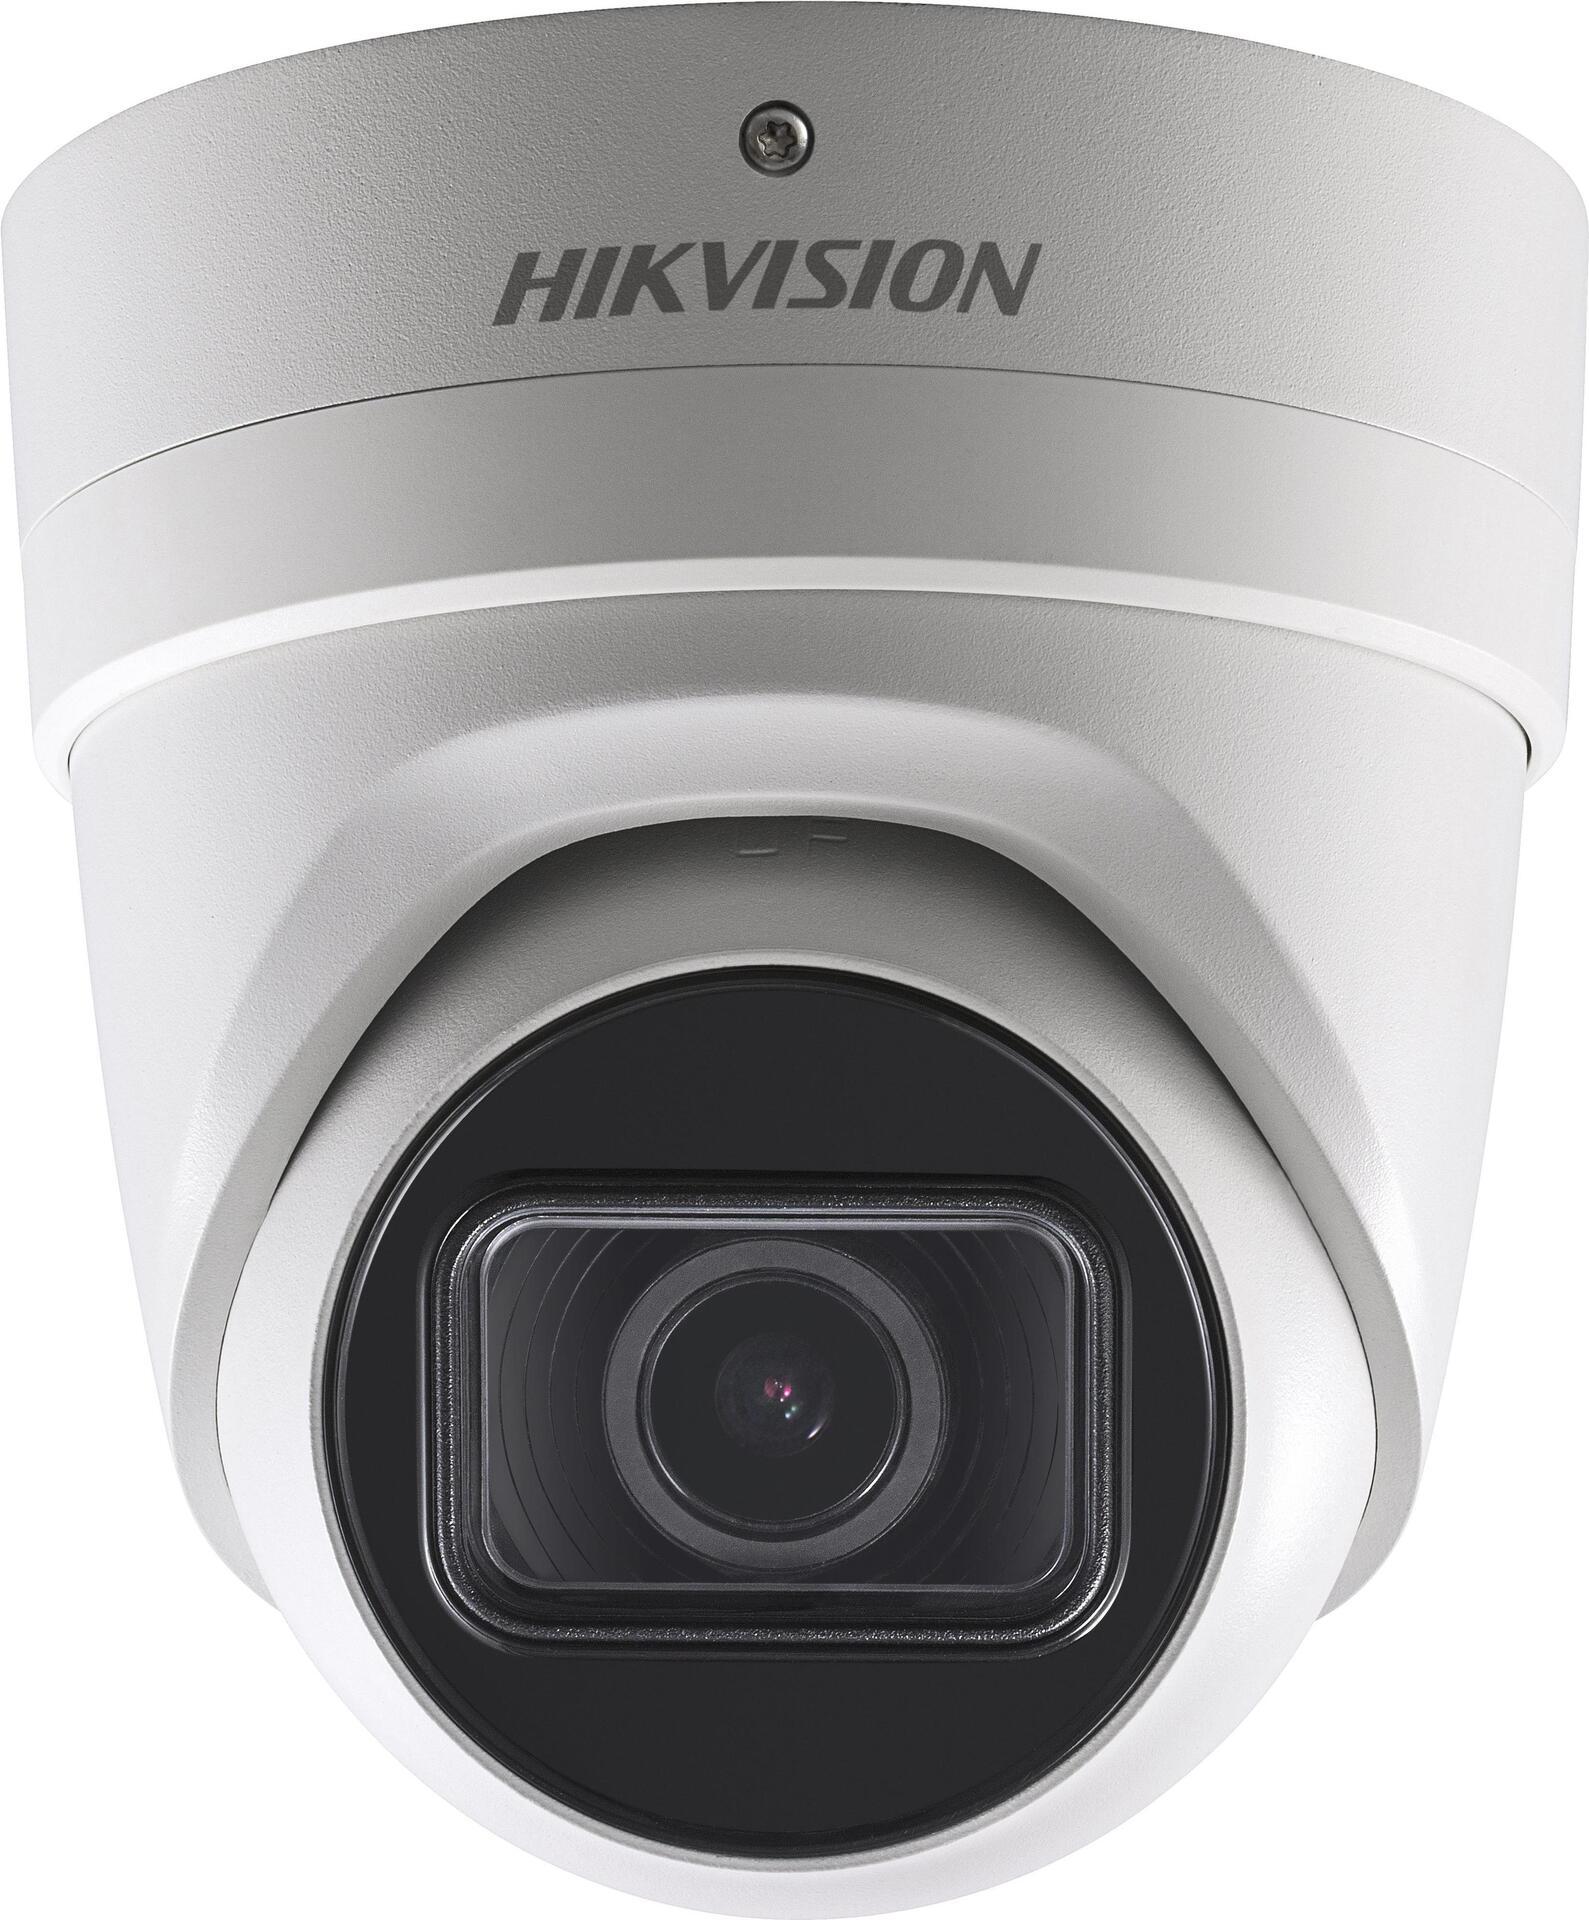 Hikvision Digital Technology DS-2CD2H45FWD-IZS IP-Sicherheitskamera Innen & Auen Kuppel Zimmerdecke 2688 X 1520 Pixel (DS-2CD2H45FWD-IZS(BLACK)(2.8-12